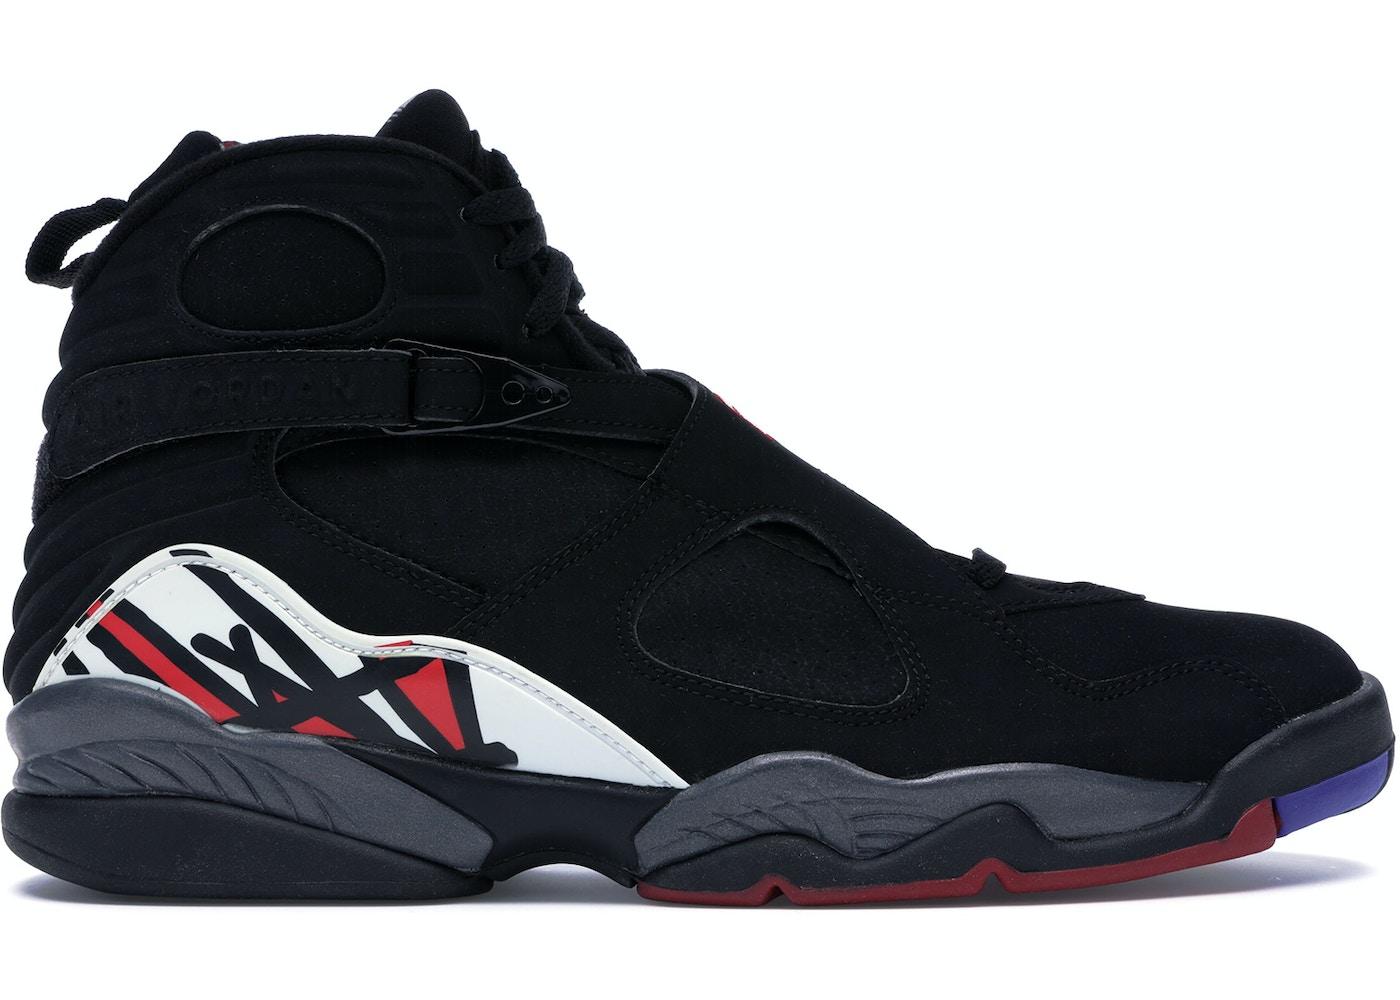 super popular b453a 7341c Buy Air Jordan 8 Shoes   Deadstock Sneakers